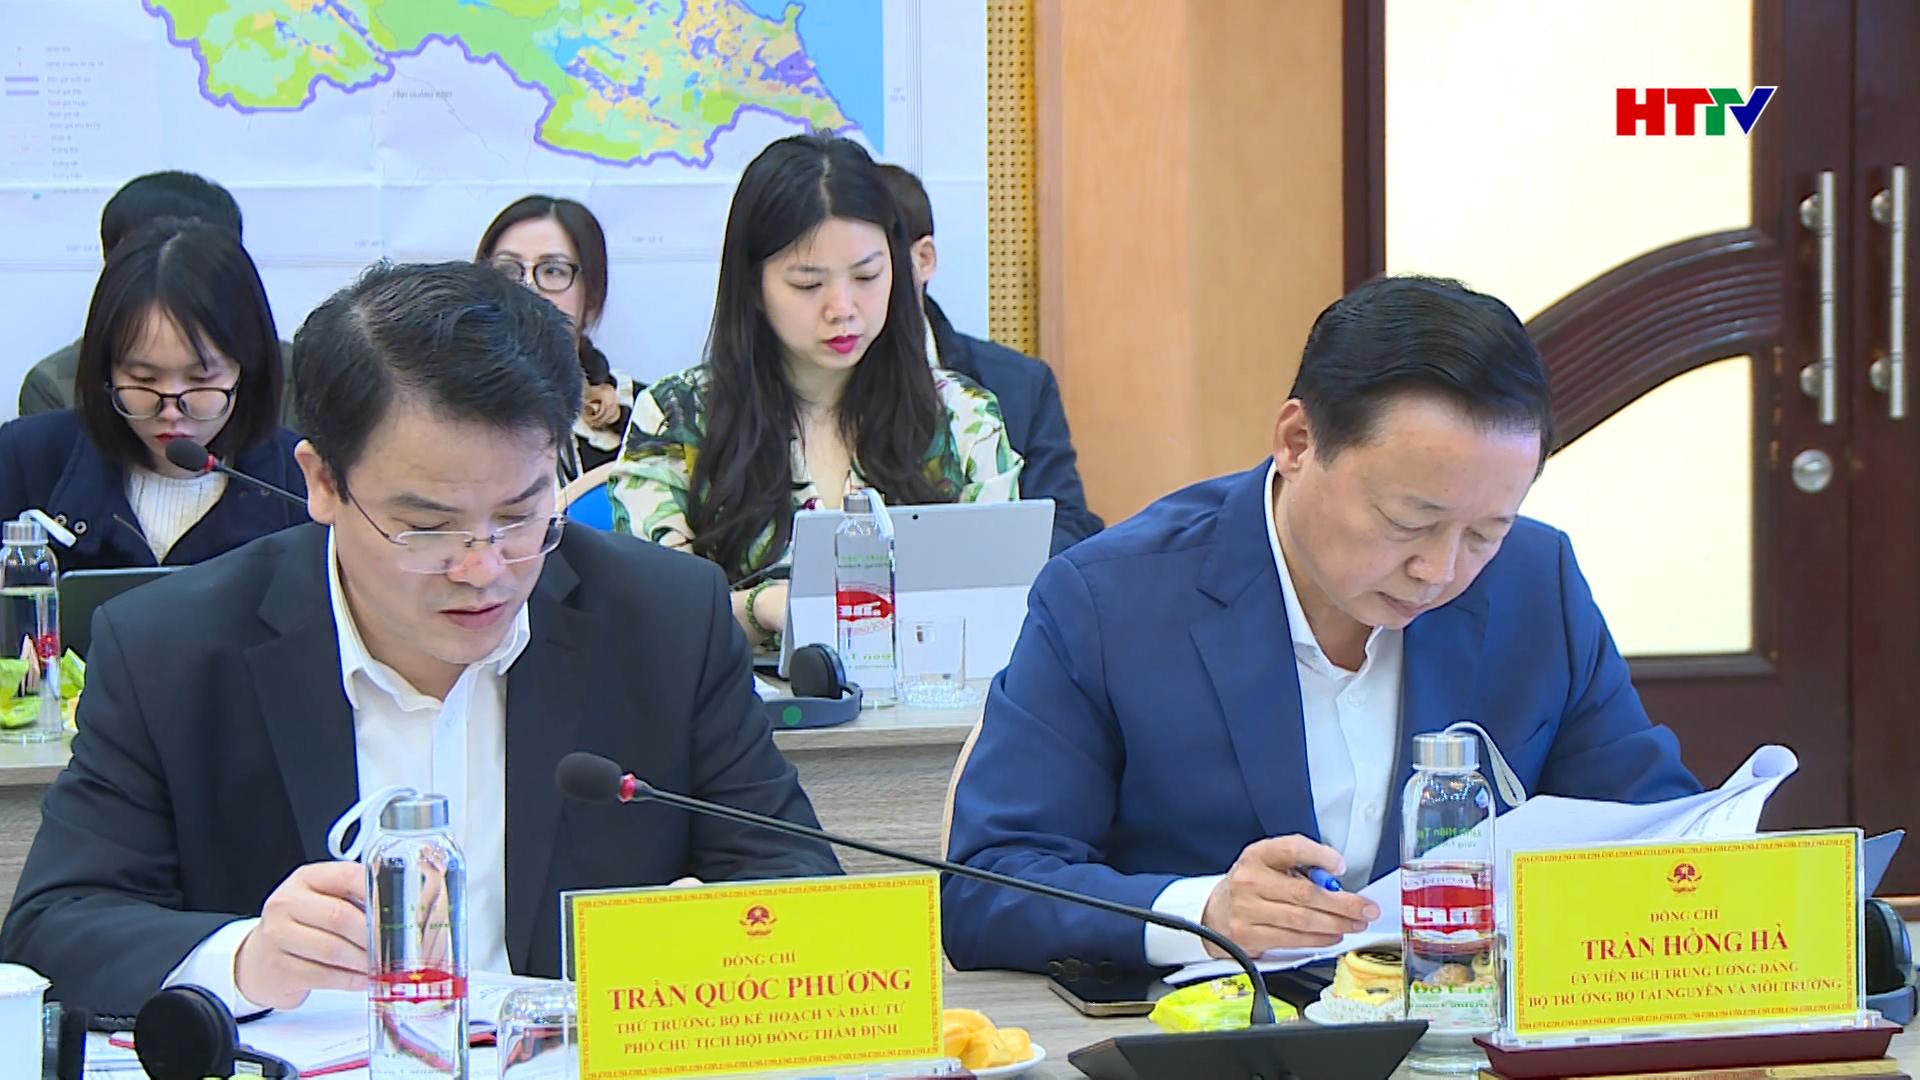 Quy hoạch tỉnh Hà Tĩnh: Lấy con người là trung tâm